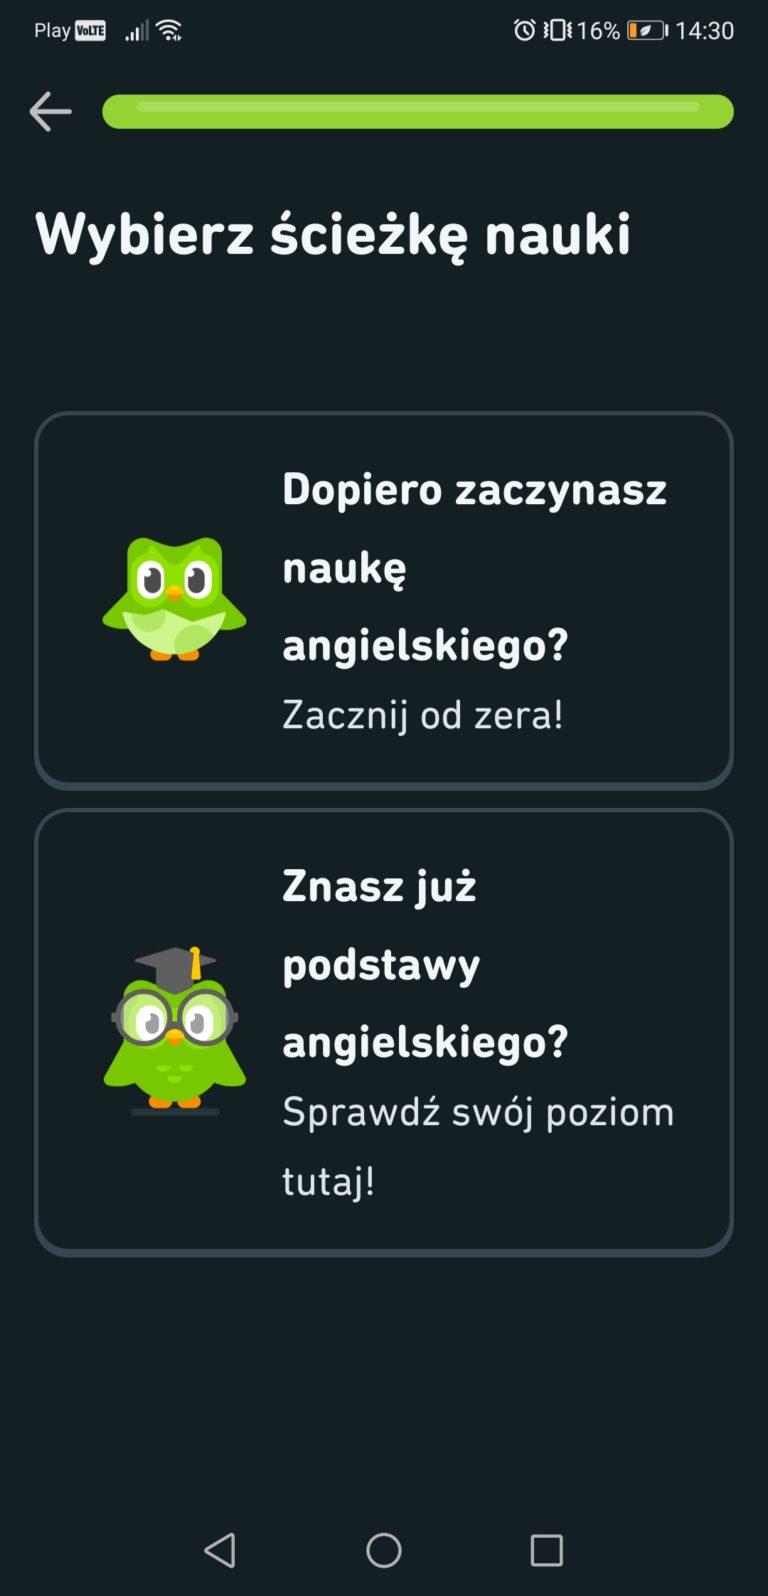 duolingo aplikacja do nauki języków obcych